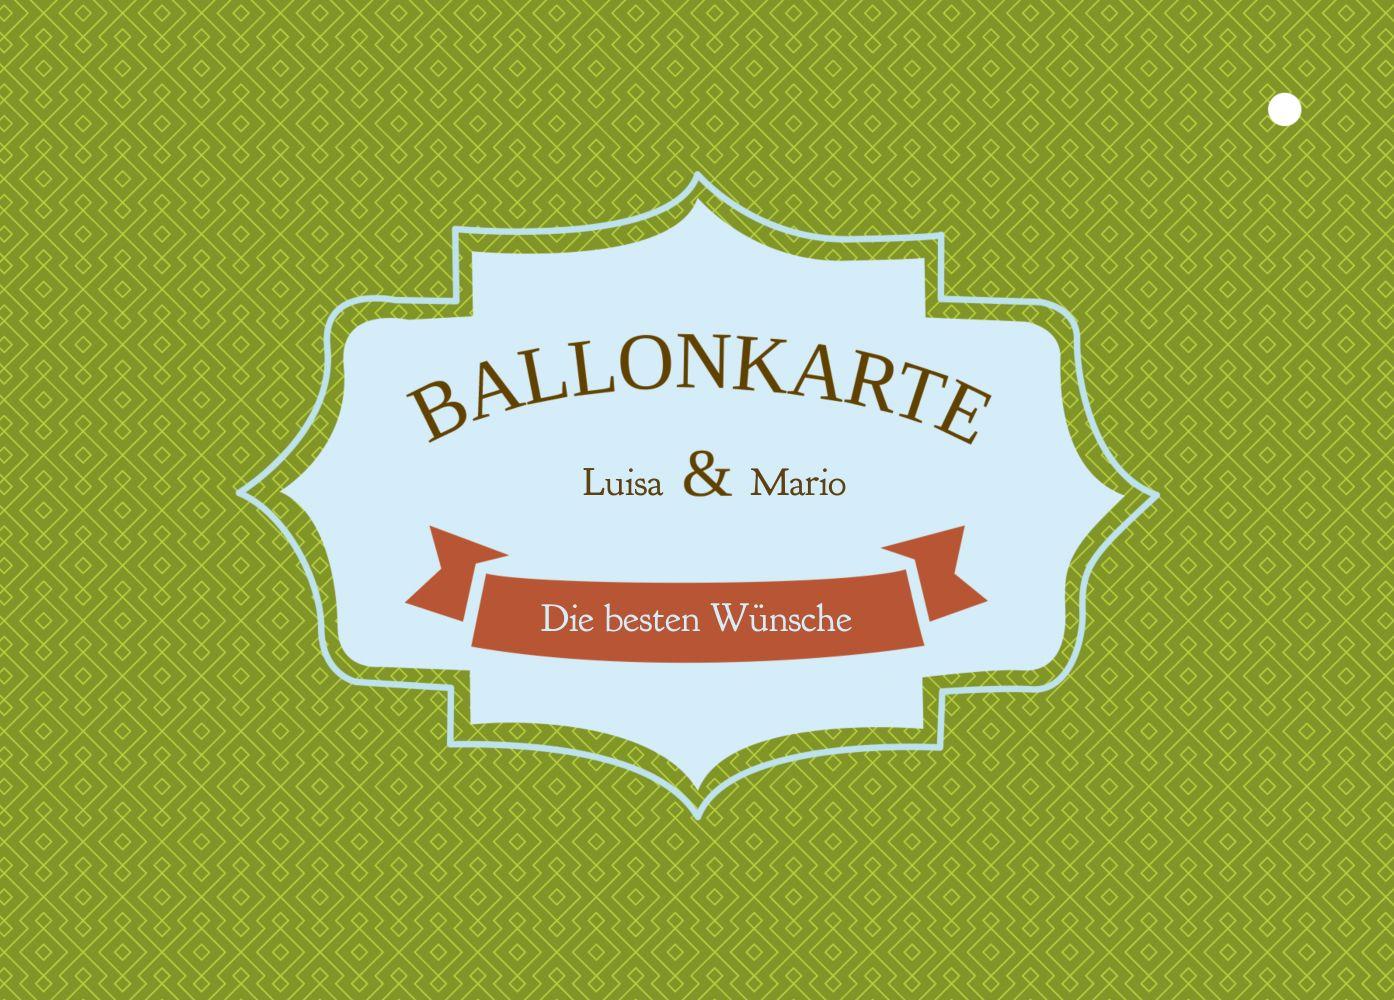 Ansicht 2 - Ballonkarte Harmonie